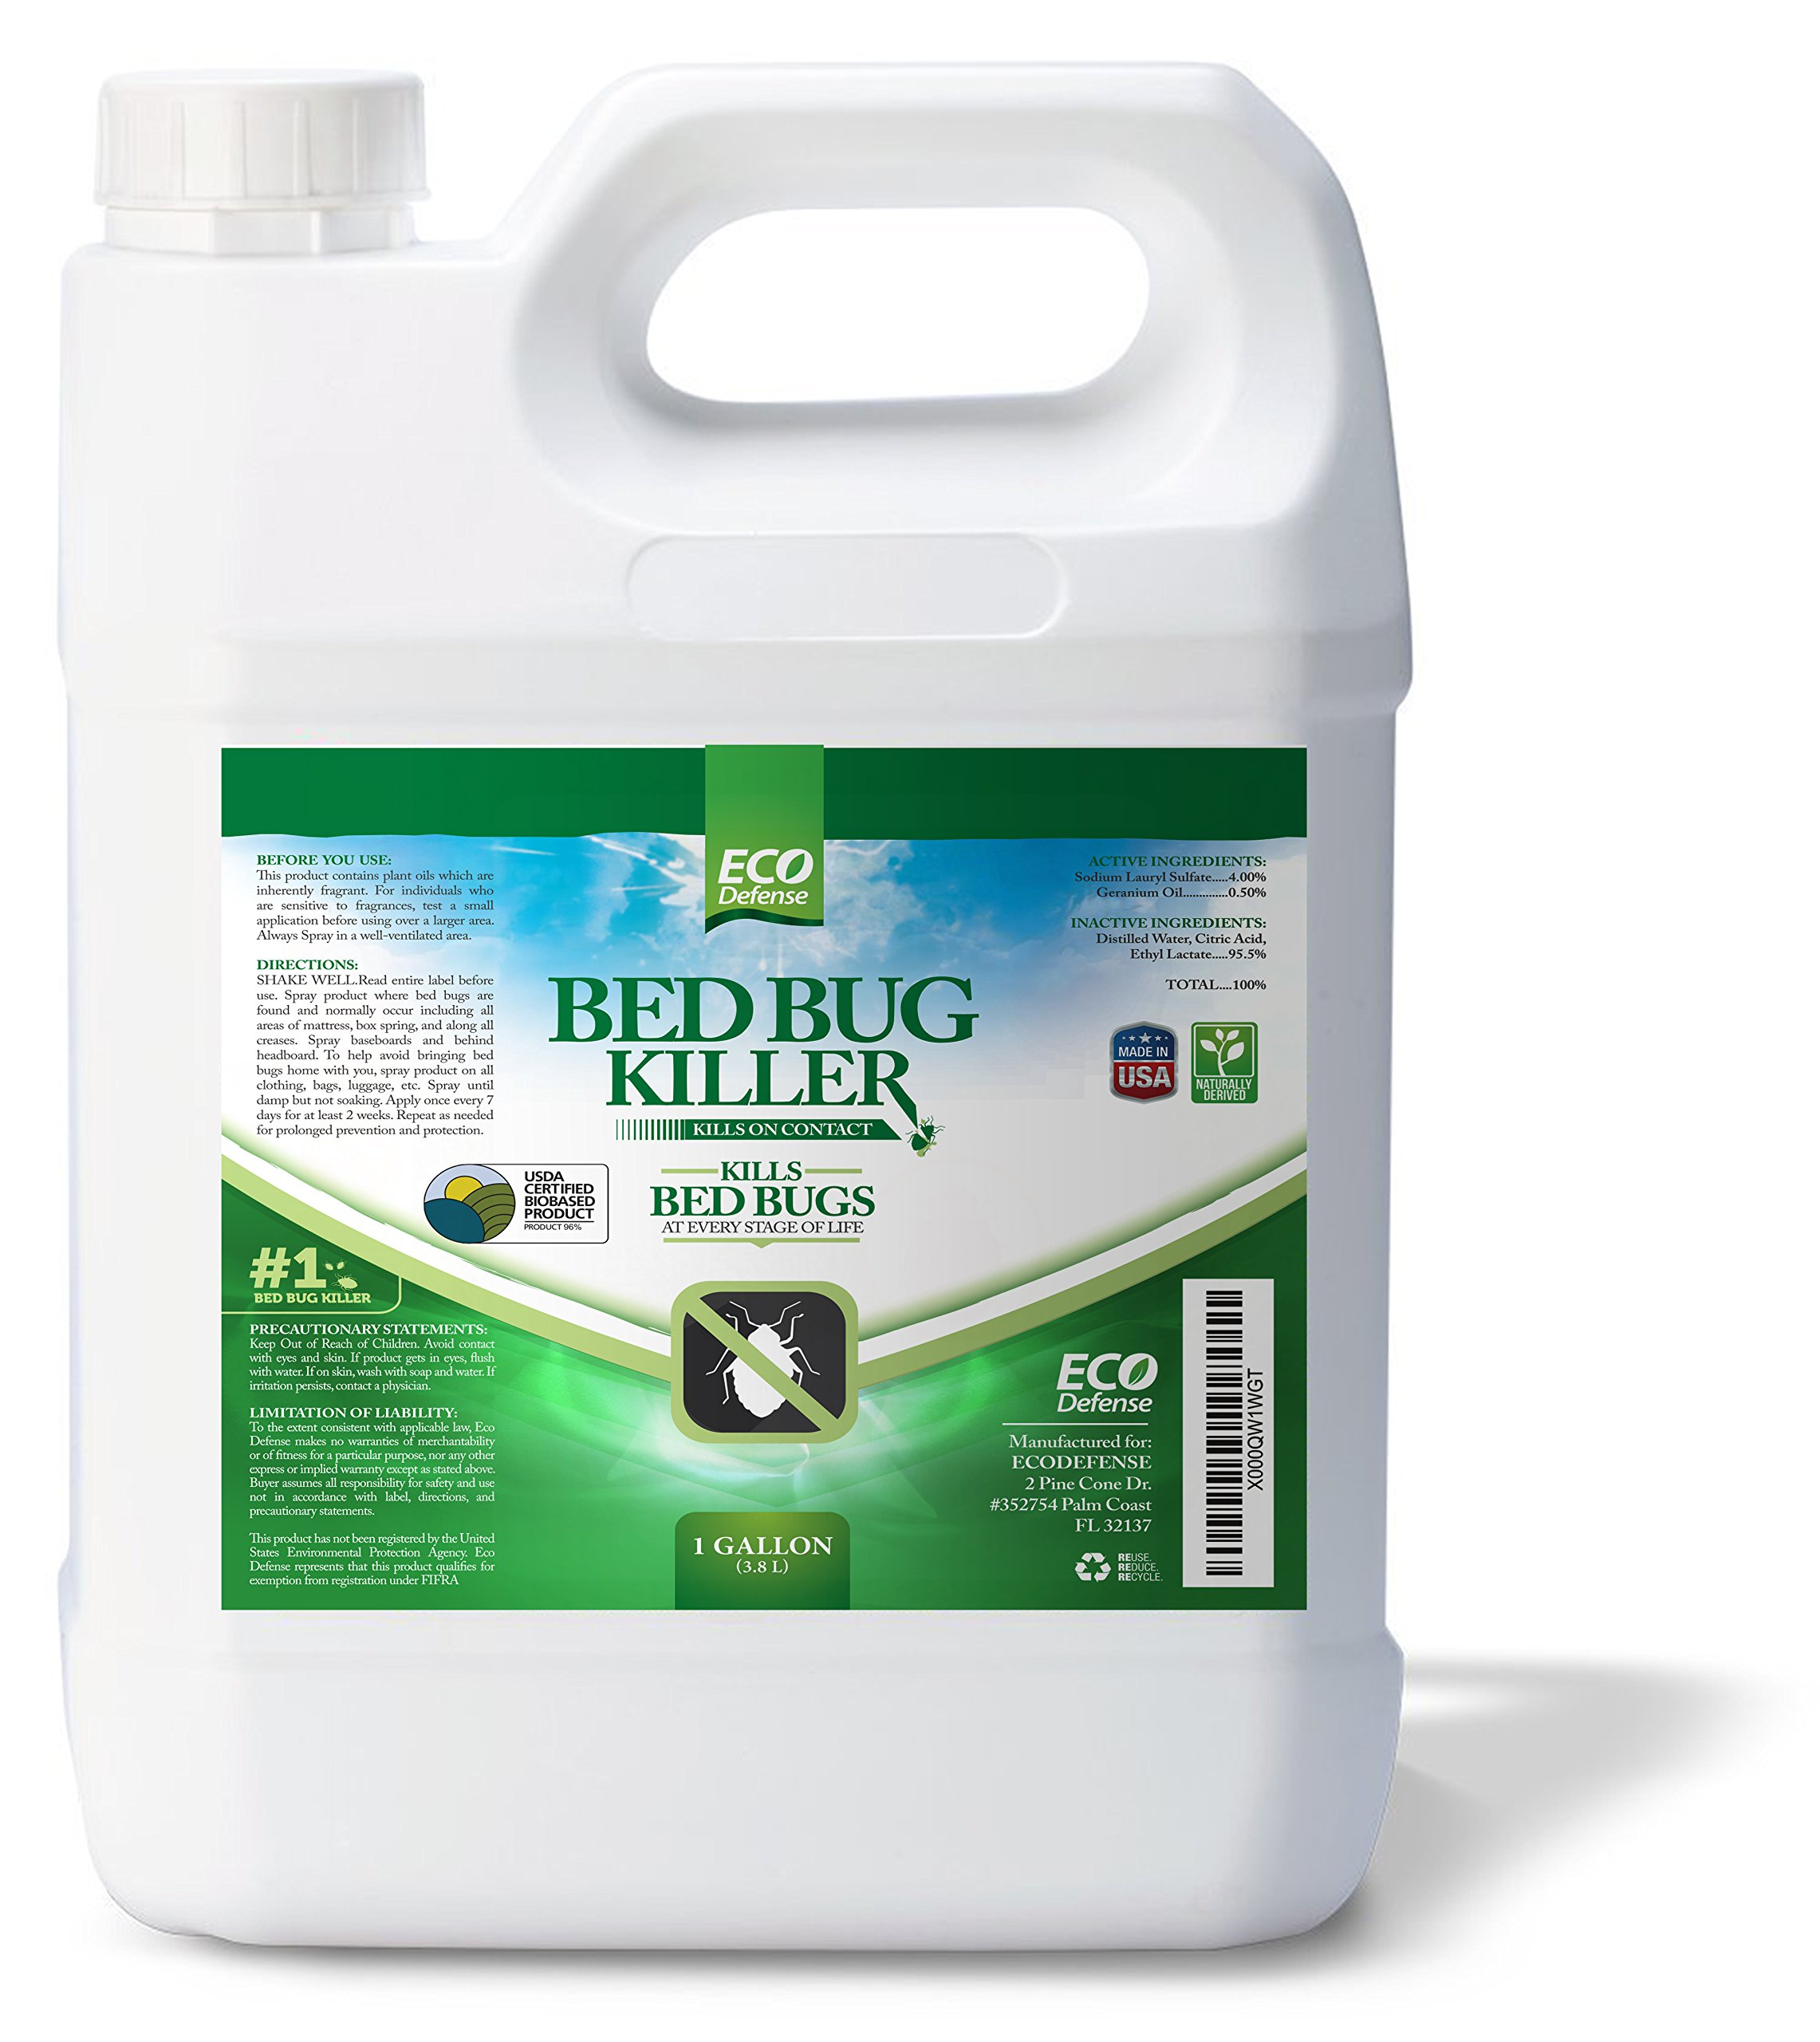 Eco Defense Bed Bug Killer, Natural Organic Formula Fastest (1 Gallon) Review